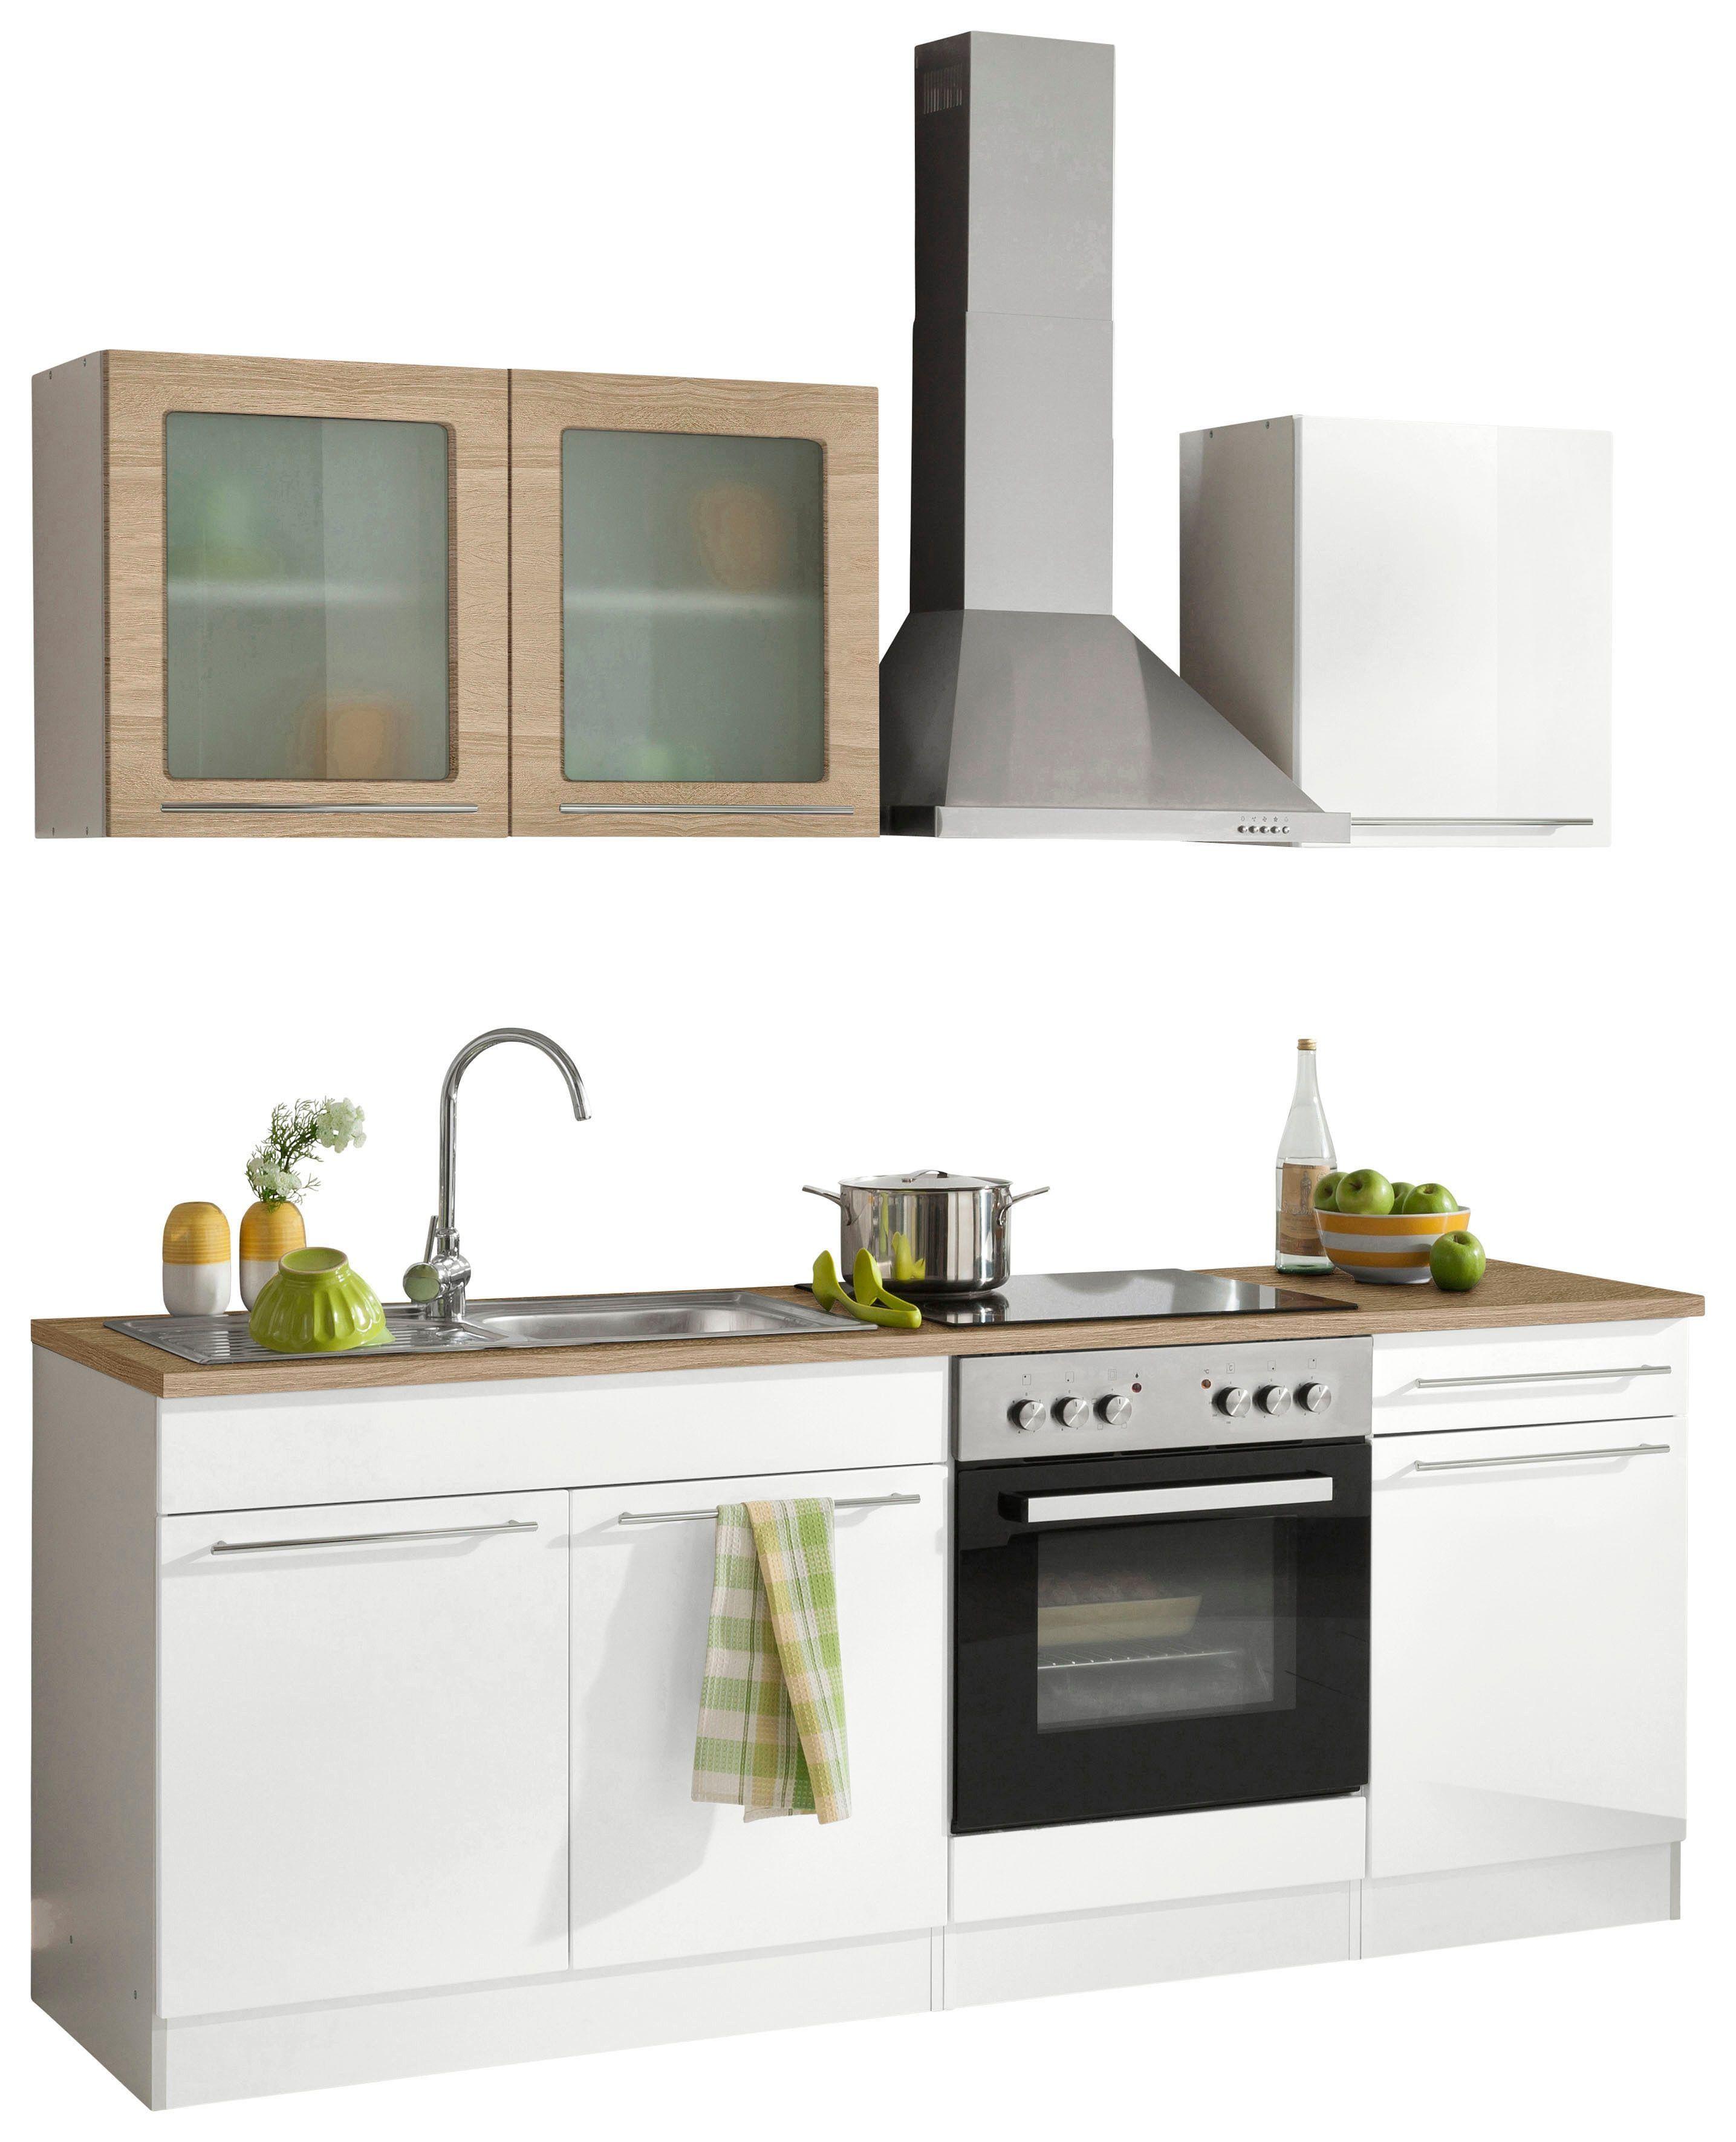 Küchenzeile weiß, »Malta«, pflegeleichte Oberfläche, Soft-Close ...